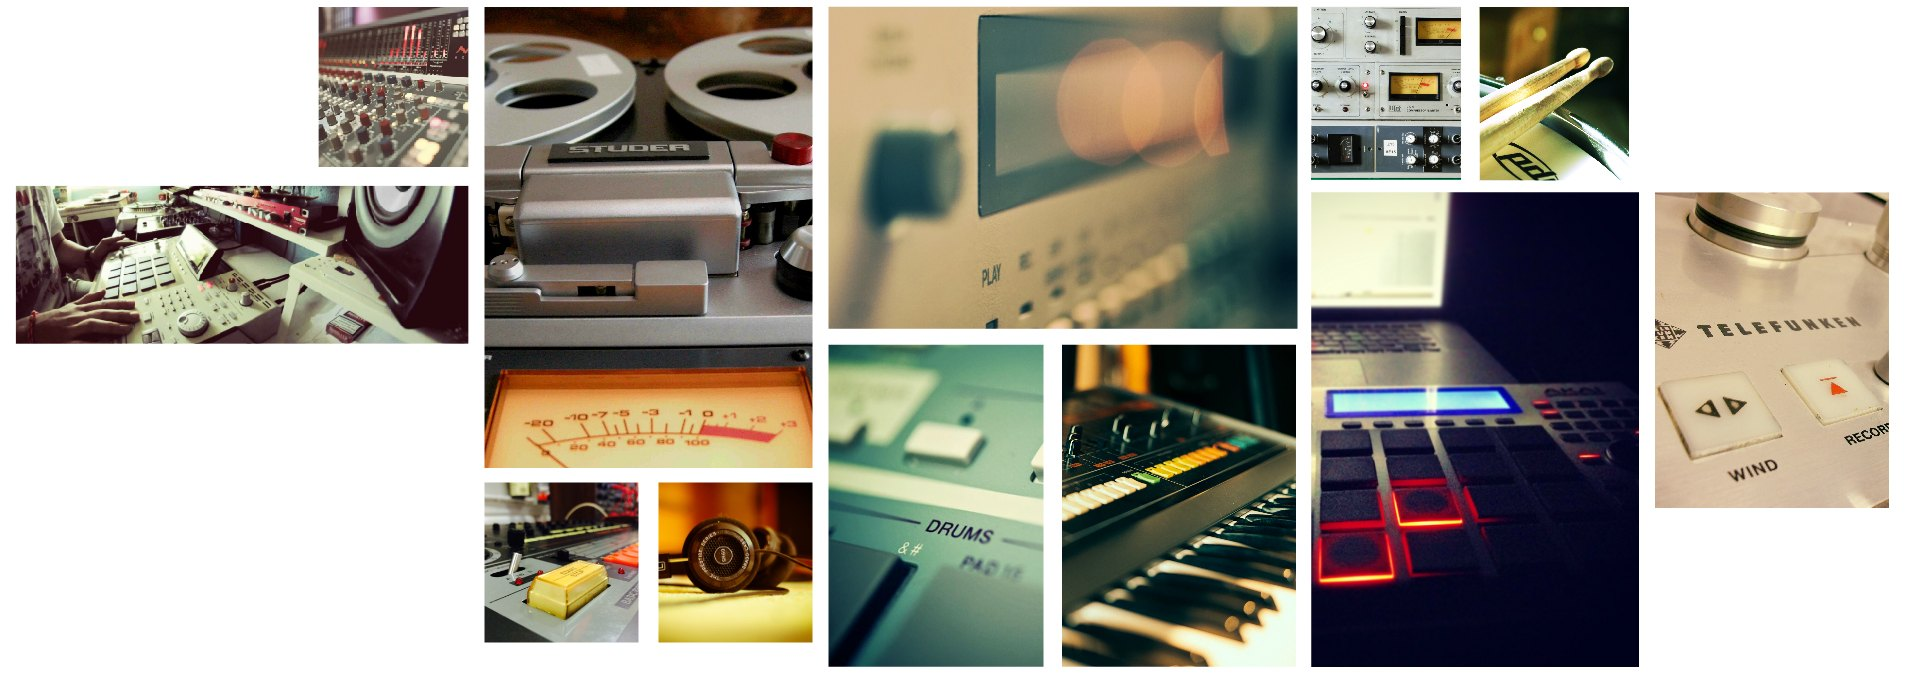 Prime Collage